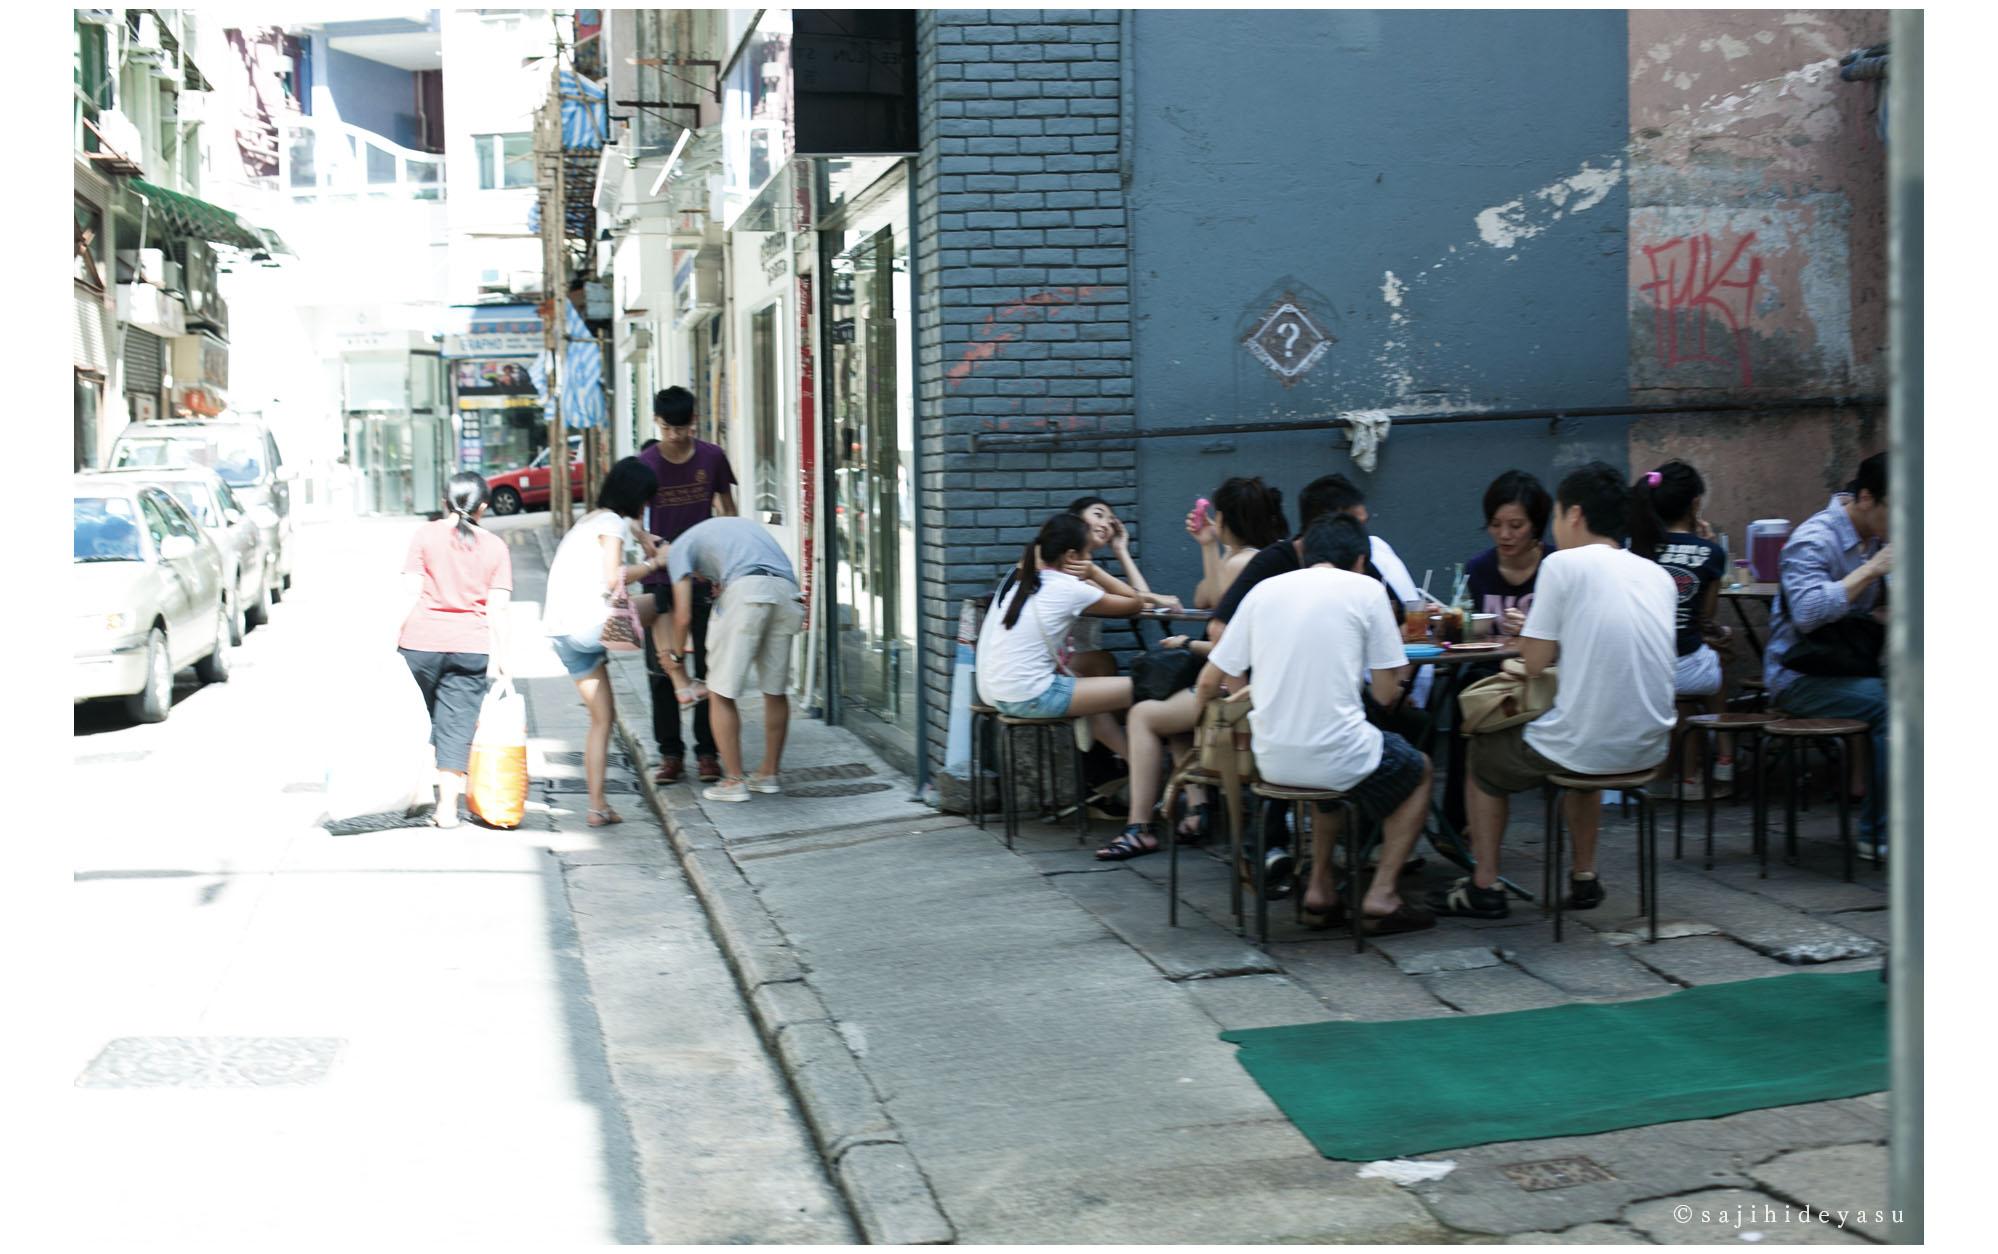 20140630_001香港マカオm